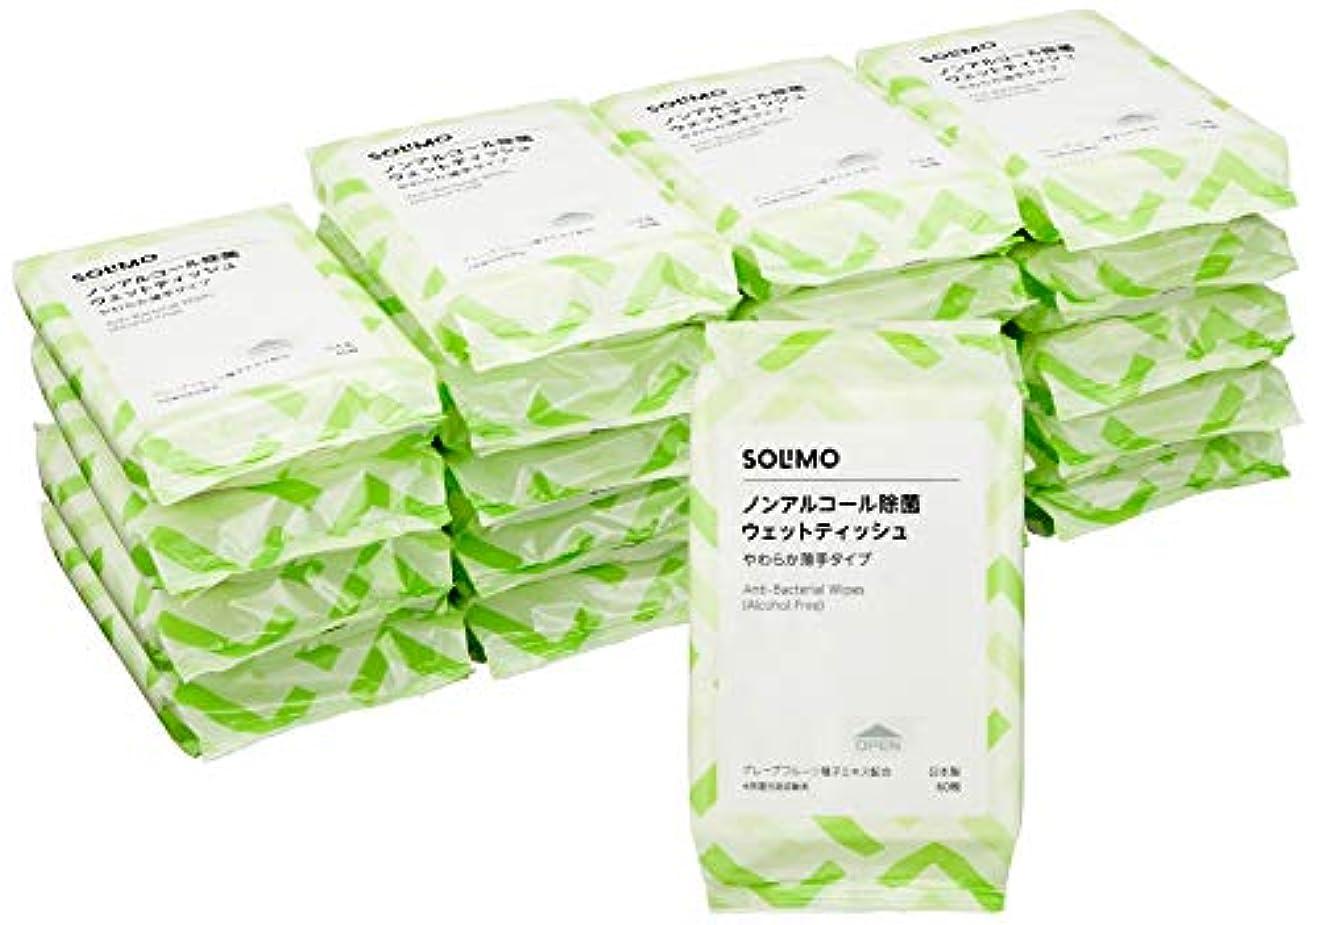 あざハーネスポータブル[Amazonブランド]SOLIMO ノンアルコール 除菌 ウェットティッシュ やわらか薄手タイプ 60枚入×20個 (1200枚) 日本製 グレープフルーツ種子エキス配合